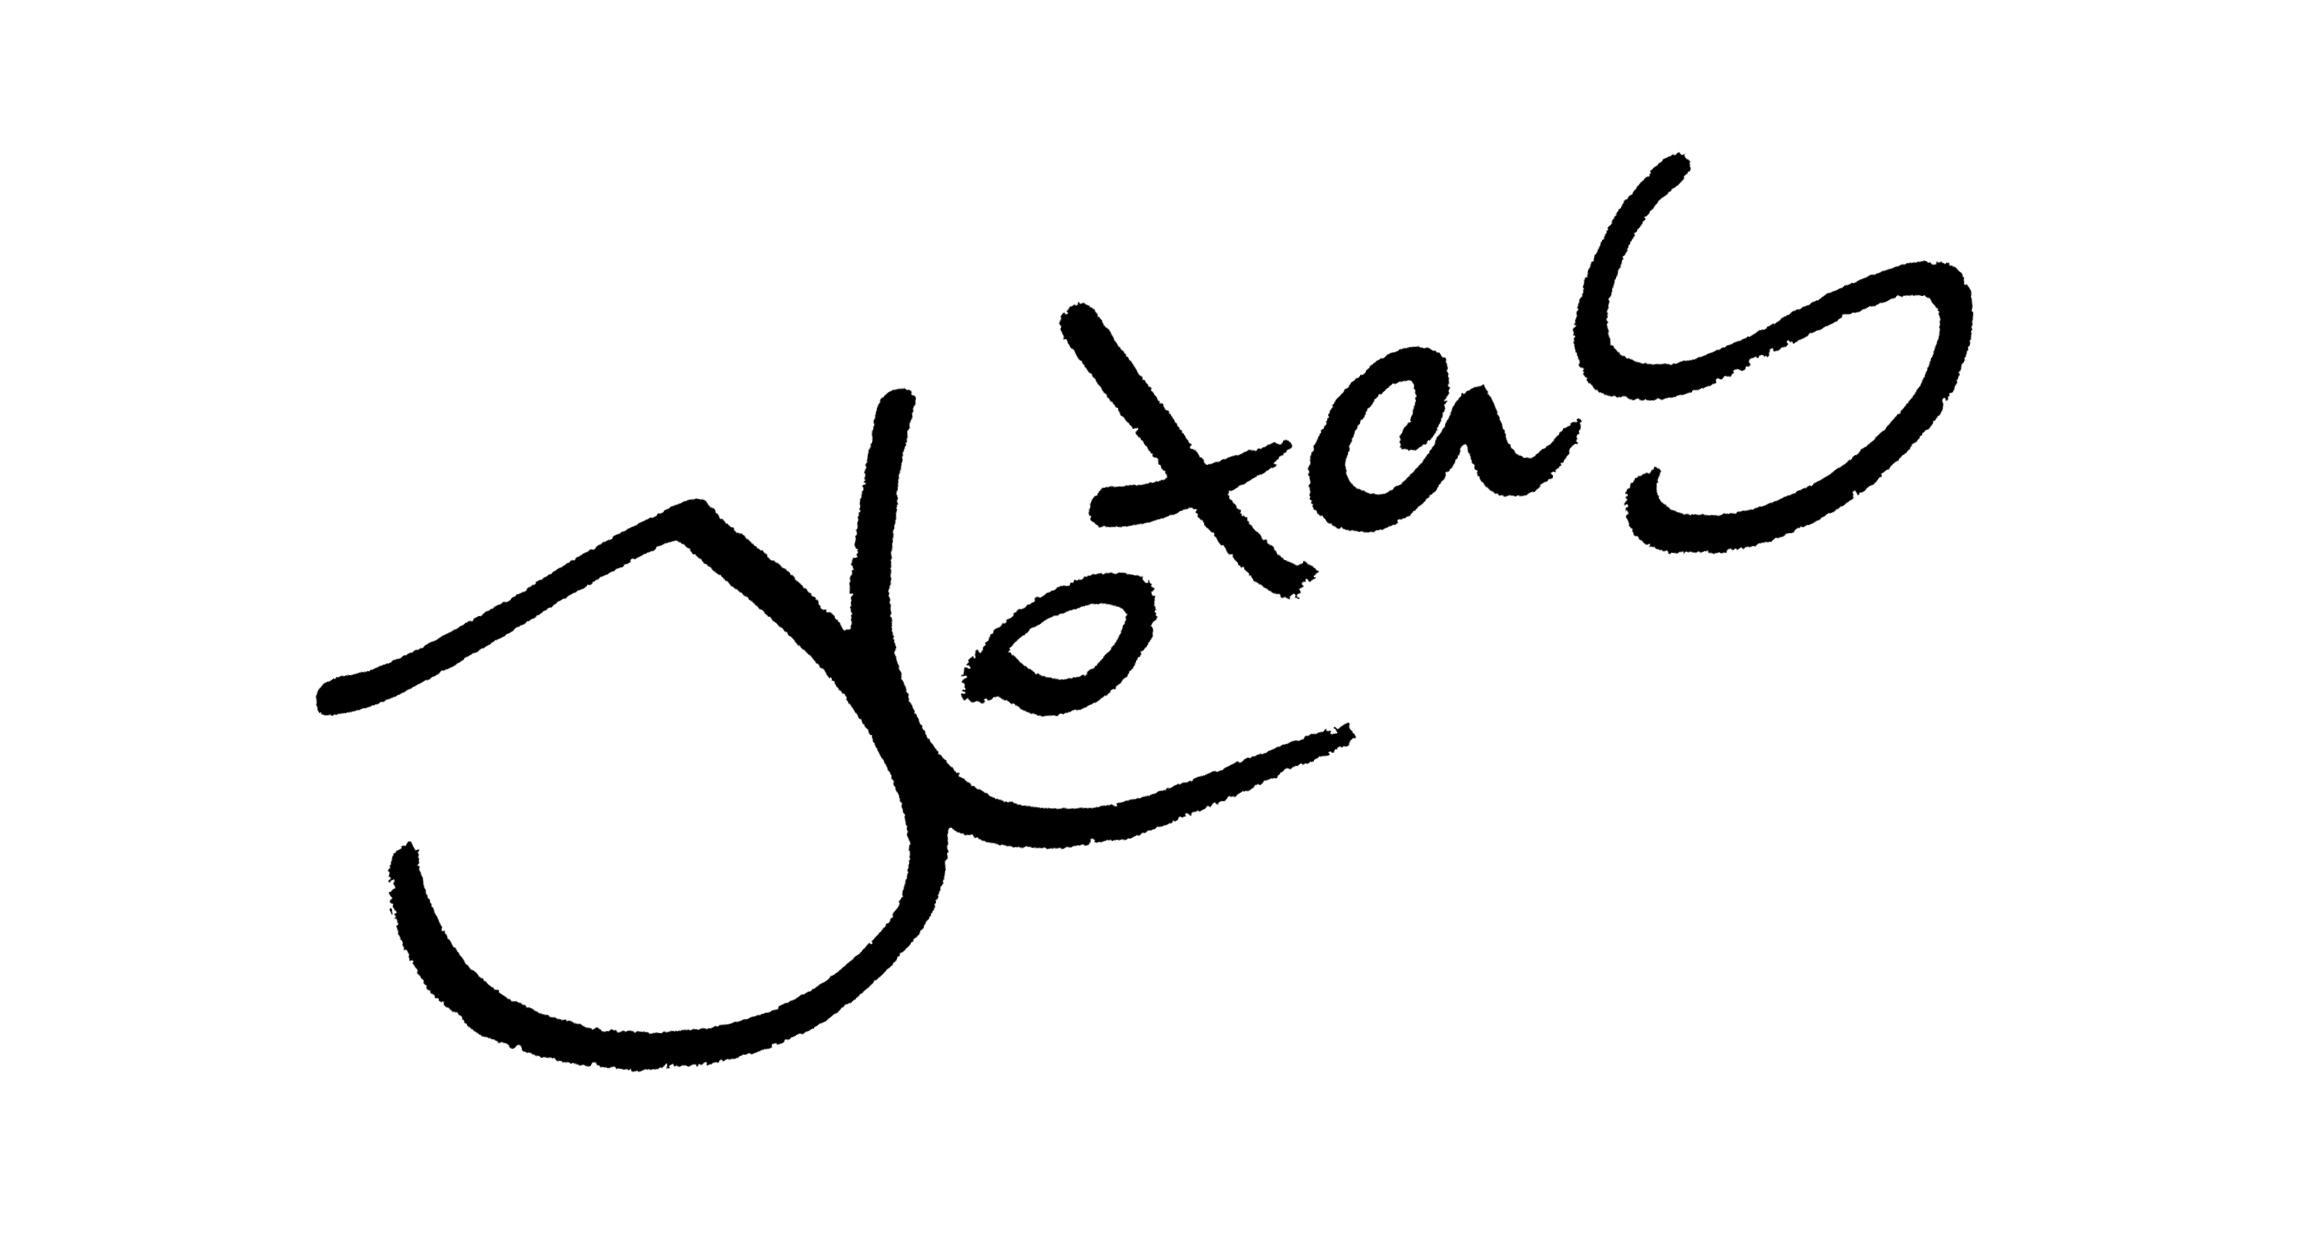 Jakub Kotas Signature